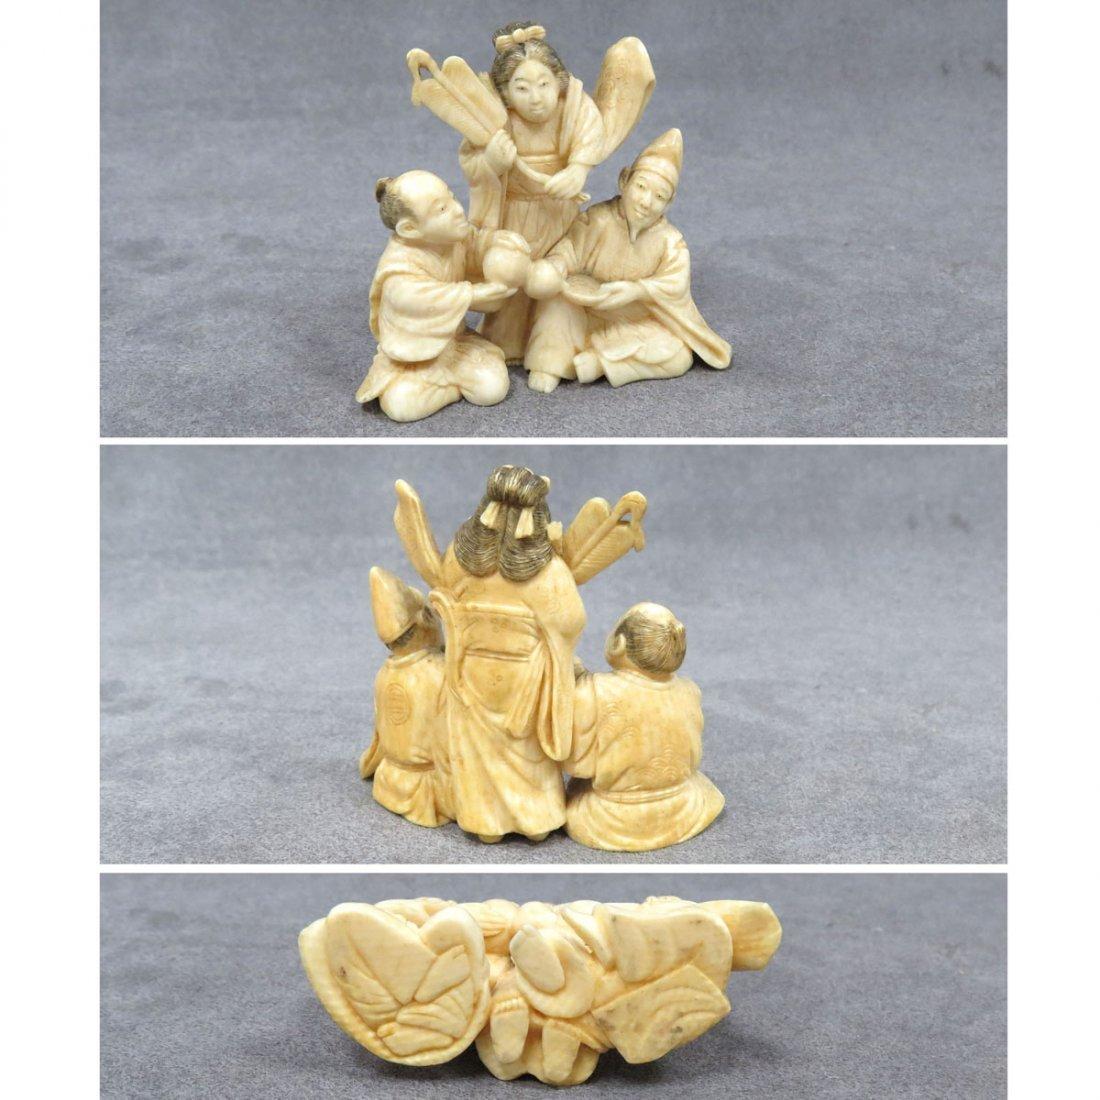 JAPANESE CARVED IVORY OKIMONO, THREE FIGURES